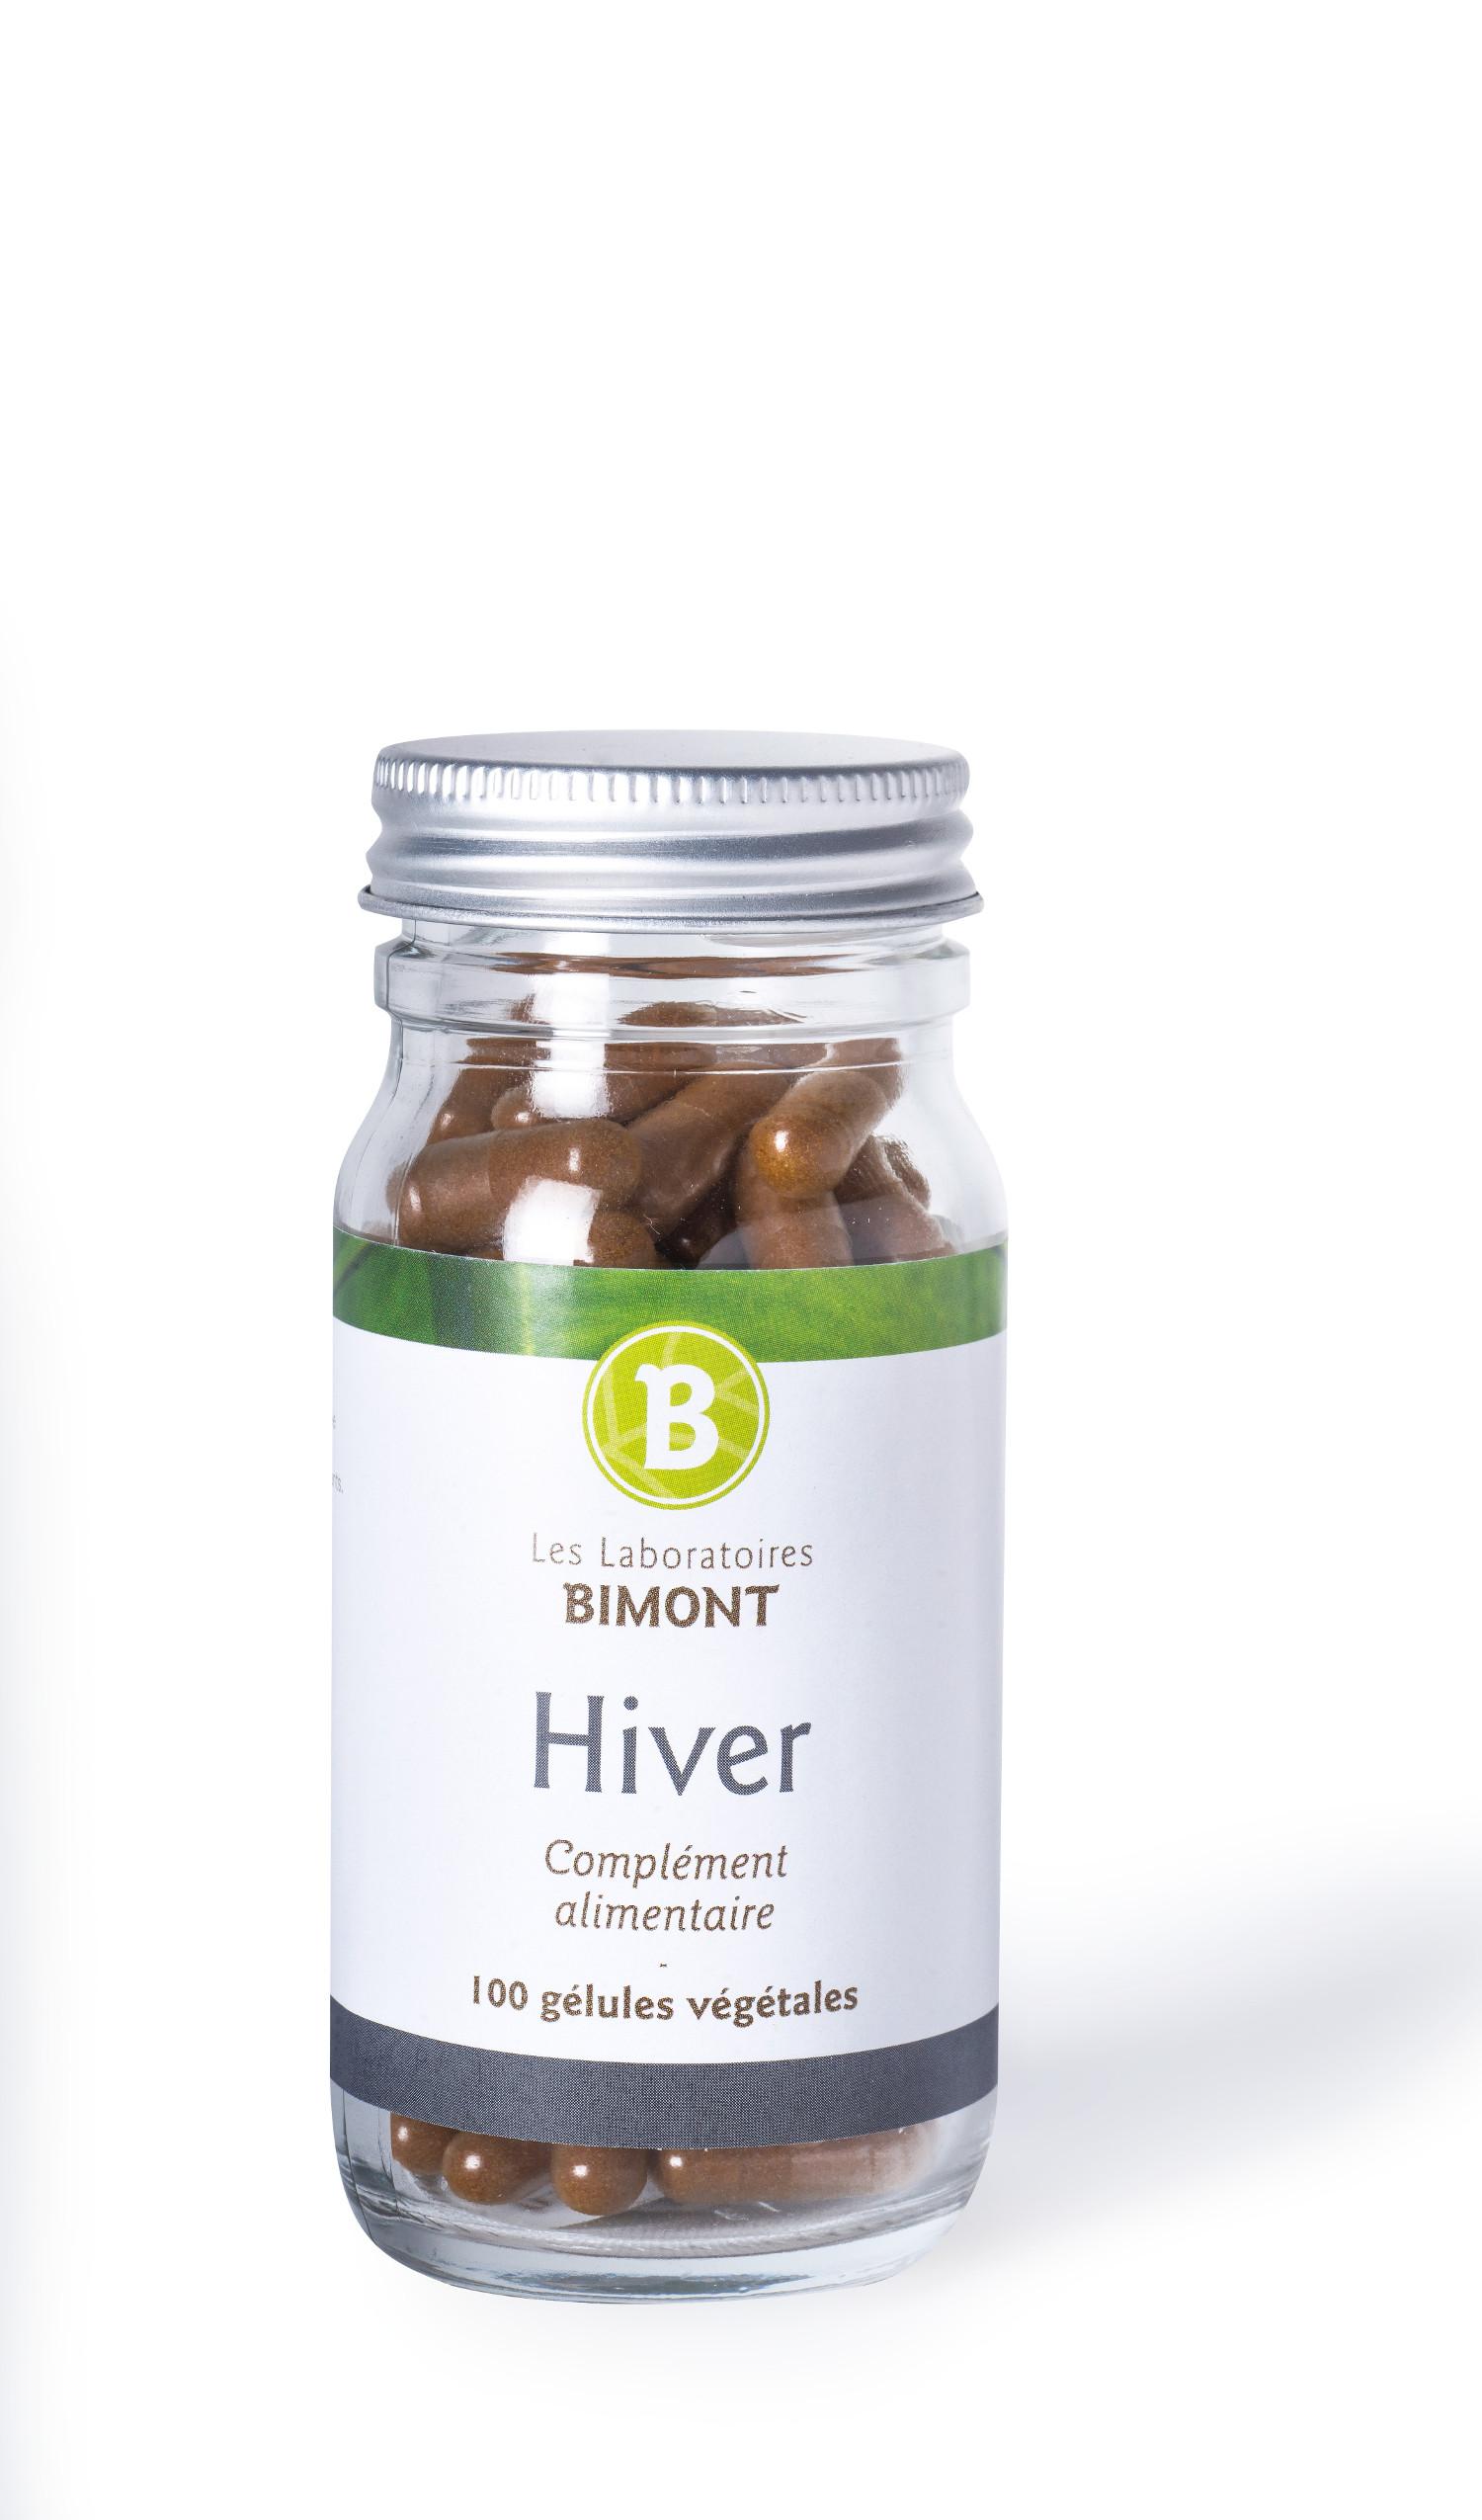 Hiver - Gamme des cinq saisons pharmacopée chinoise